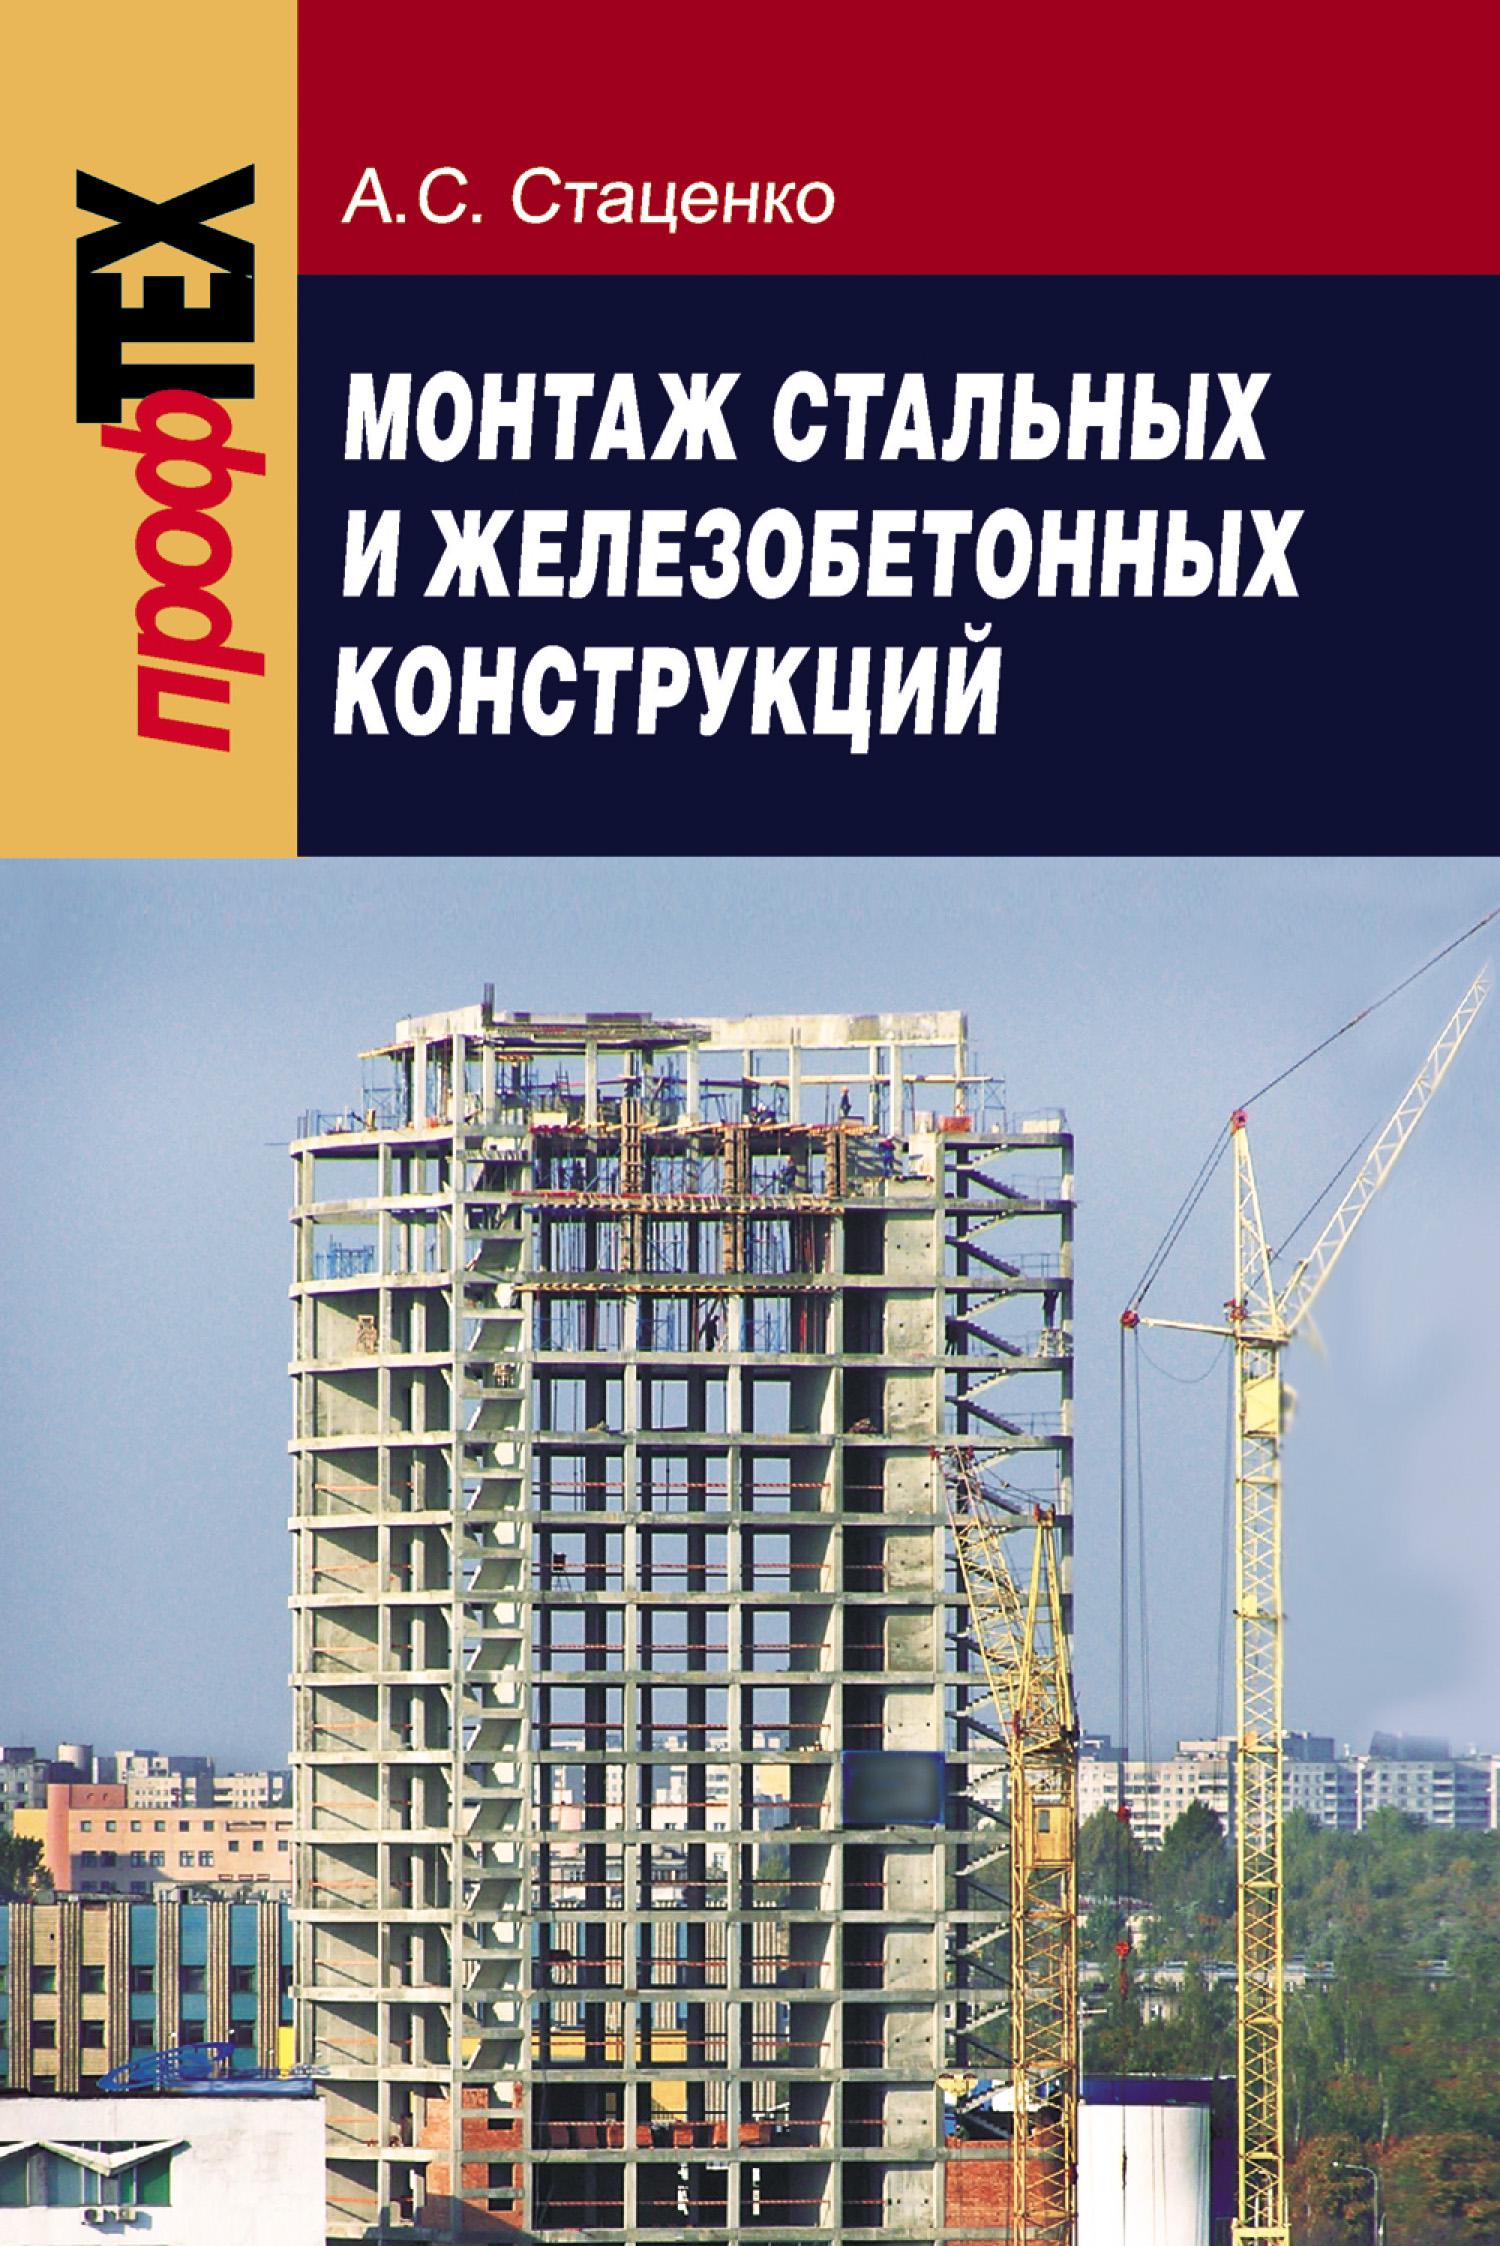 А. C. Стаценко Монтаж стальных и железобетонных конструкций